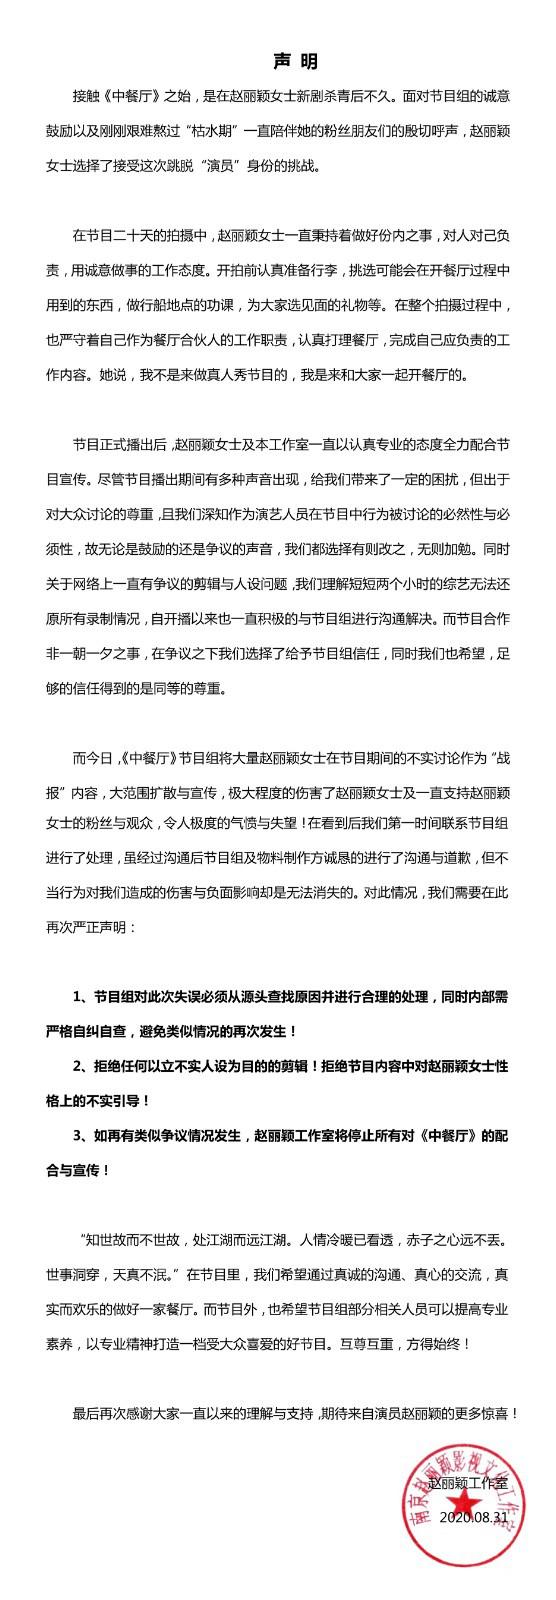 皇冠新现金网:《中餐厅》PR图现赵丽颖黑帖惹议 节目组发文致歉 第4张